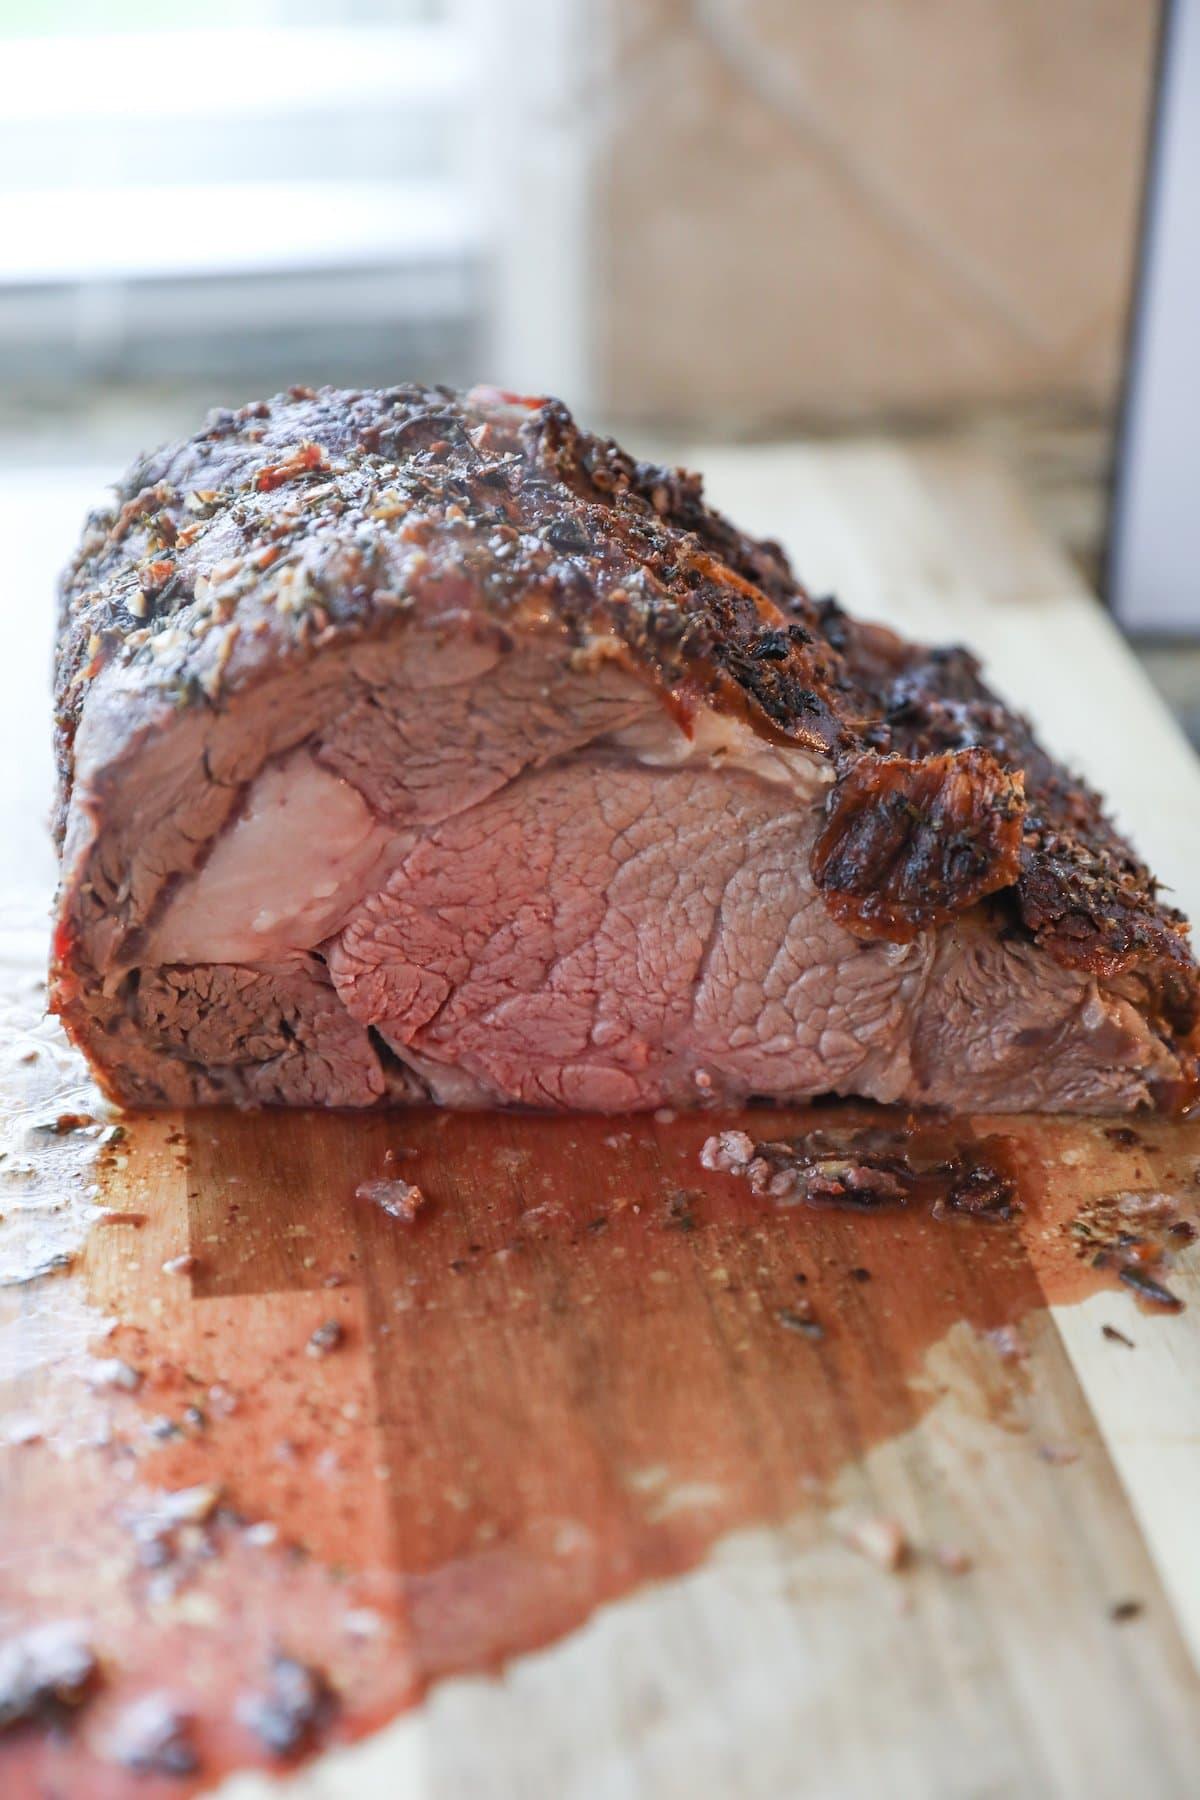 cut prime rib on wooden cutting board